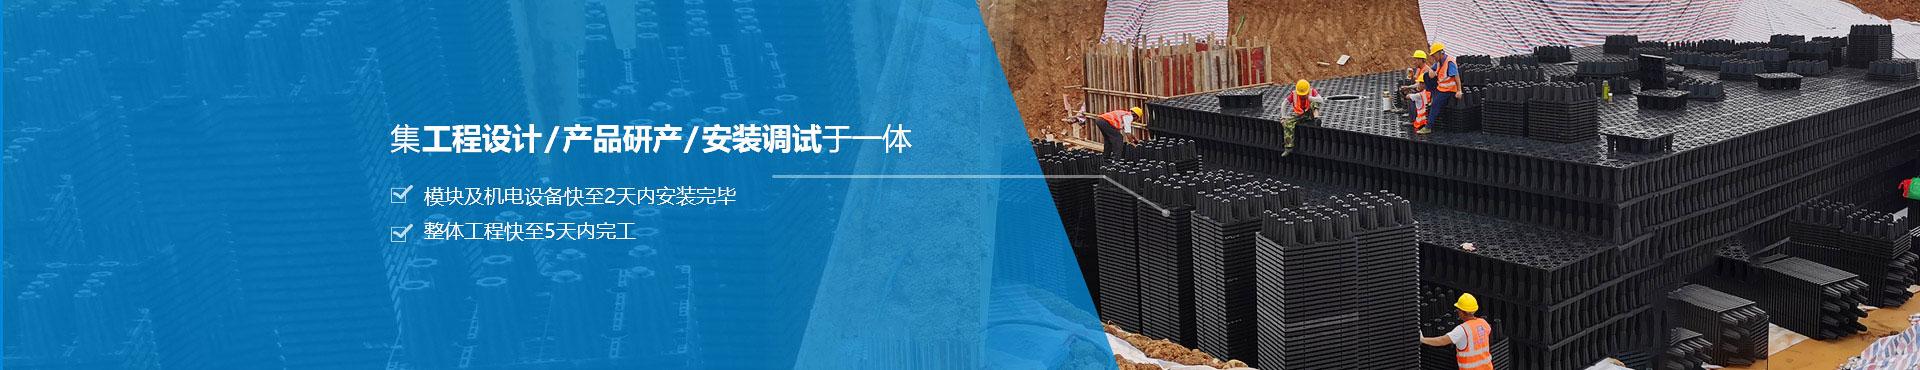 圆祐雨水收集系统集工程设计/产品研产/安装调试于一体